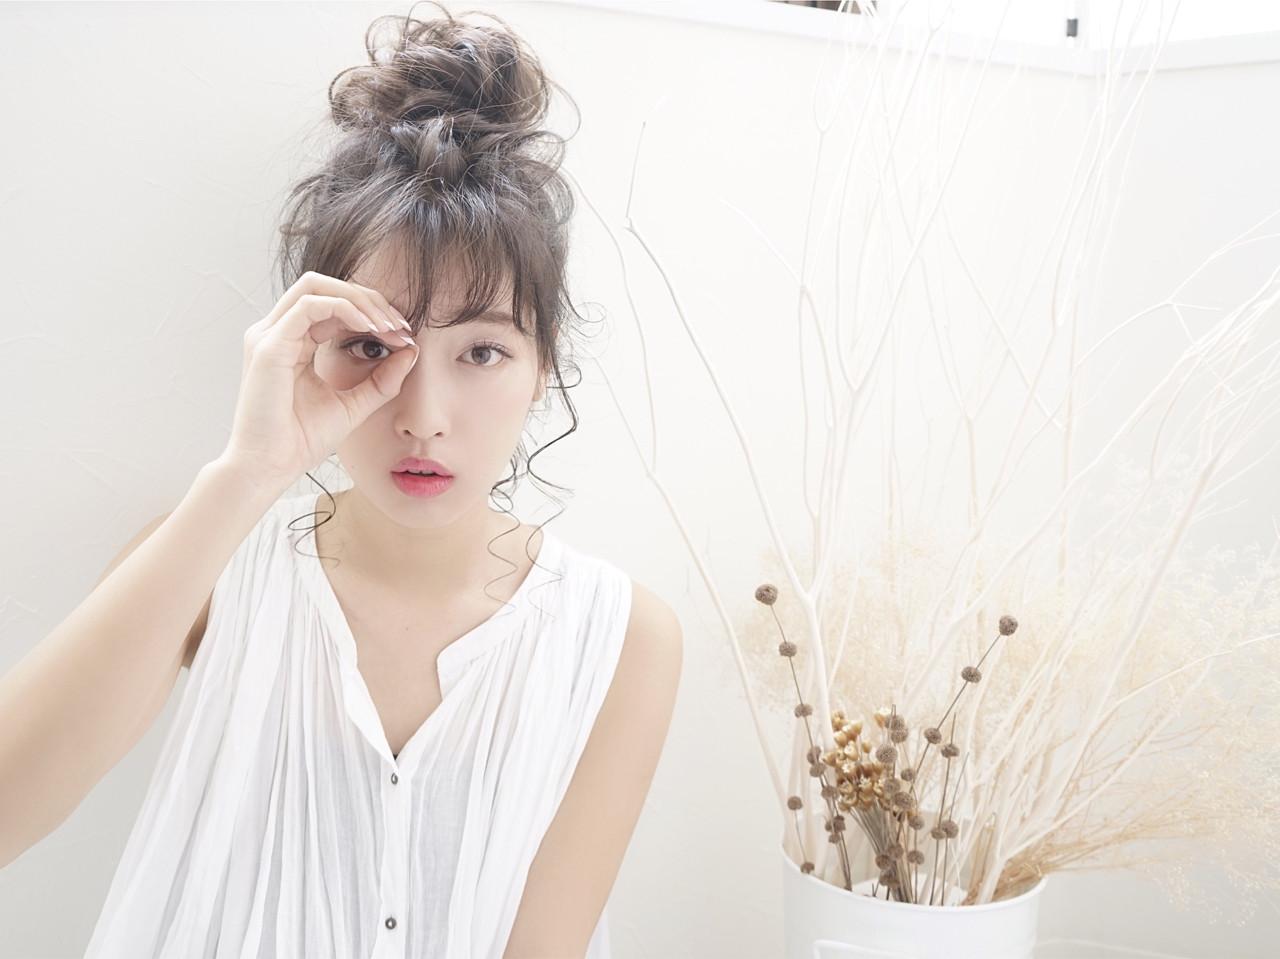 お団子 デート フリンジバング 結婚式 ヘアスタイルや髪型の写真・画像 | 花井啓好 / mateca hairマテカヘアー